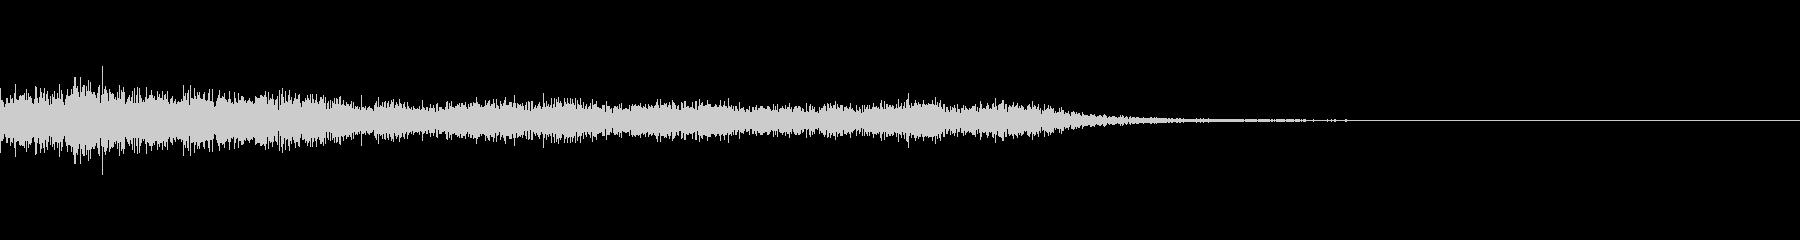 ショック/衝撃/オーケストラヒット/1の未再生の波形